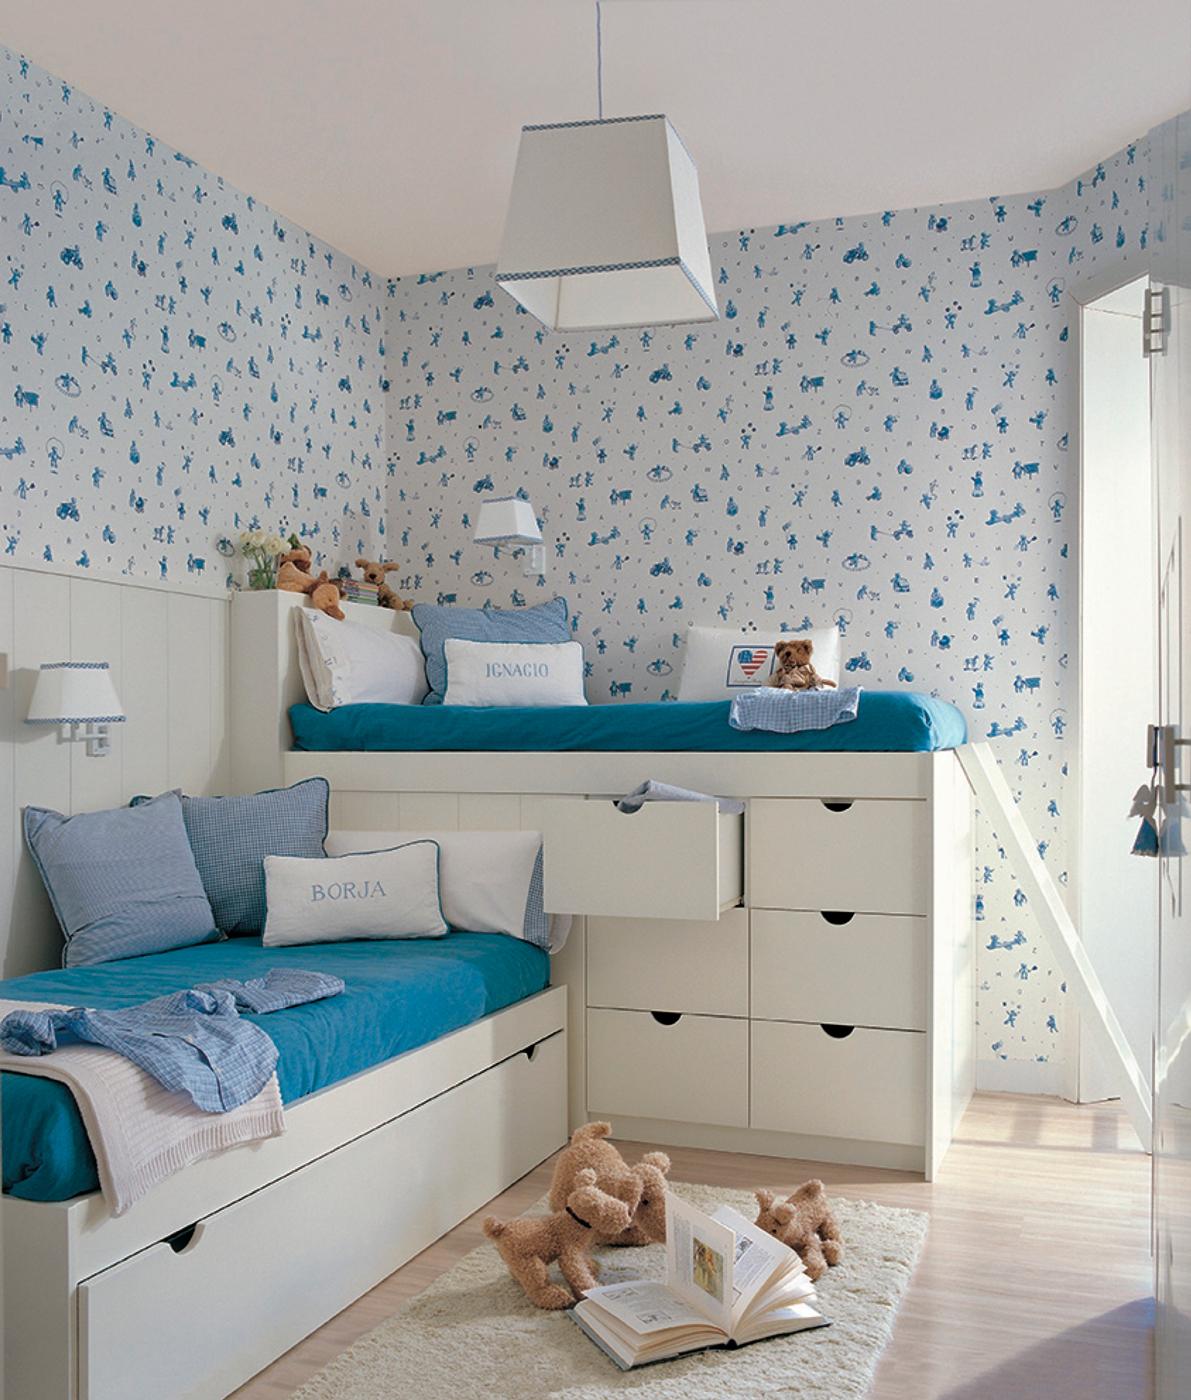 Papel pintado en dormitorios nuevos papeles pintados para - Papel pintado dormitorio principal ...